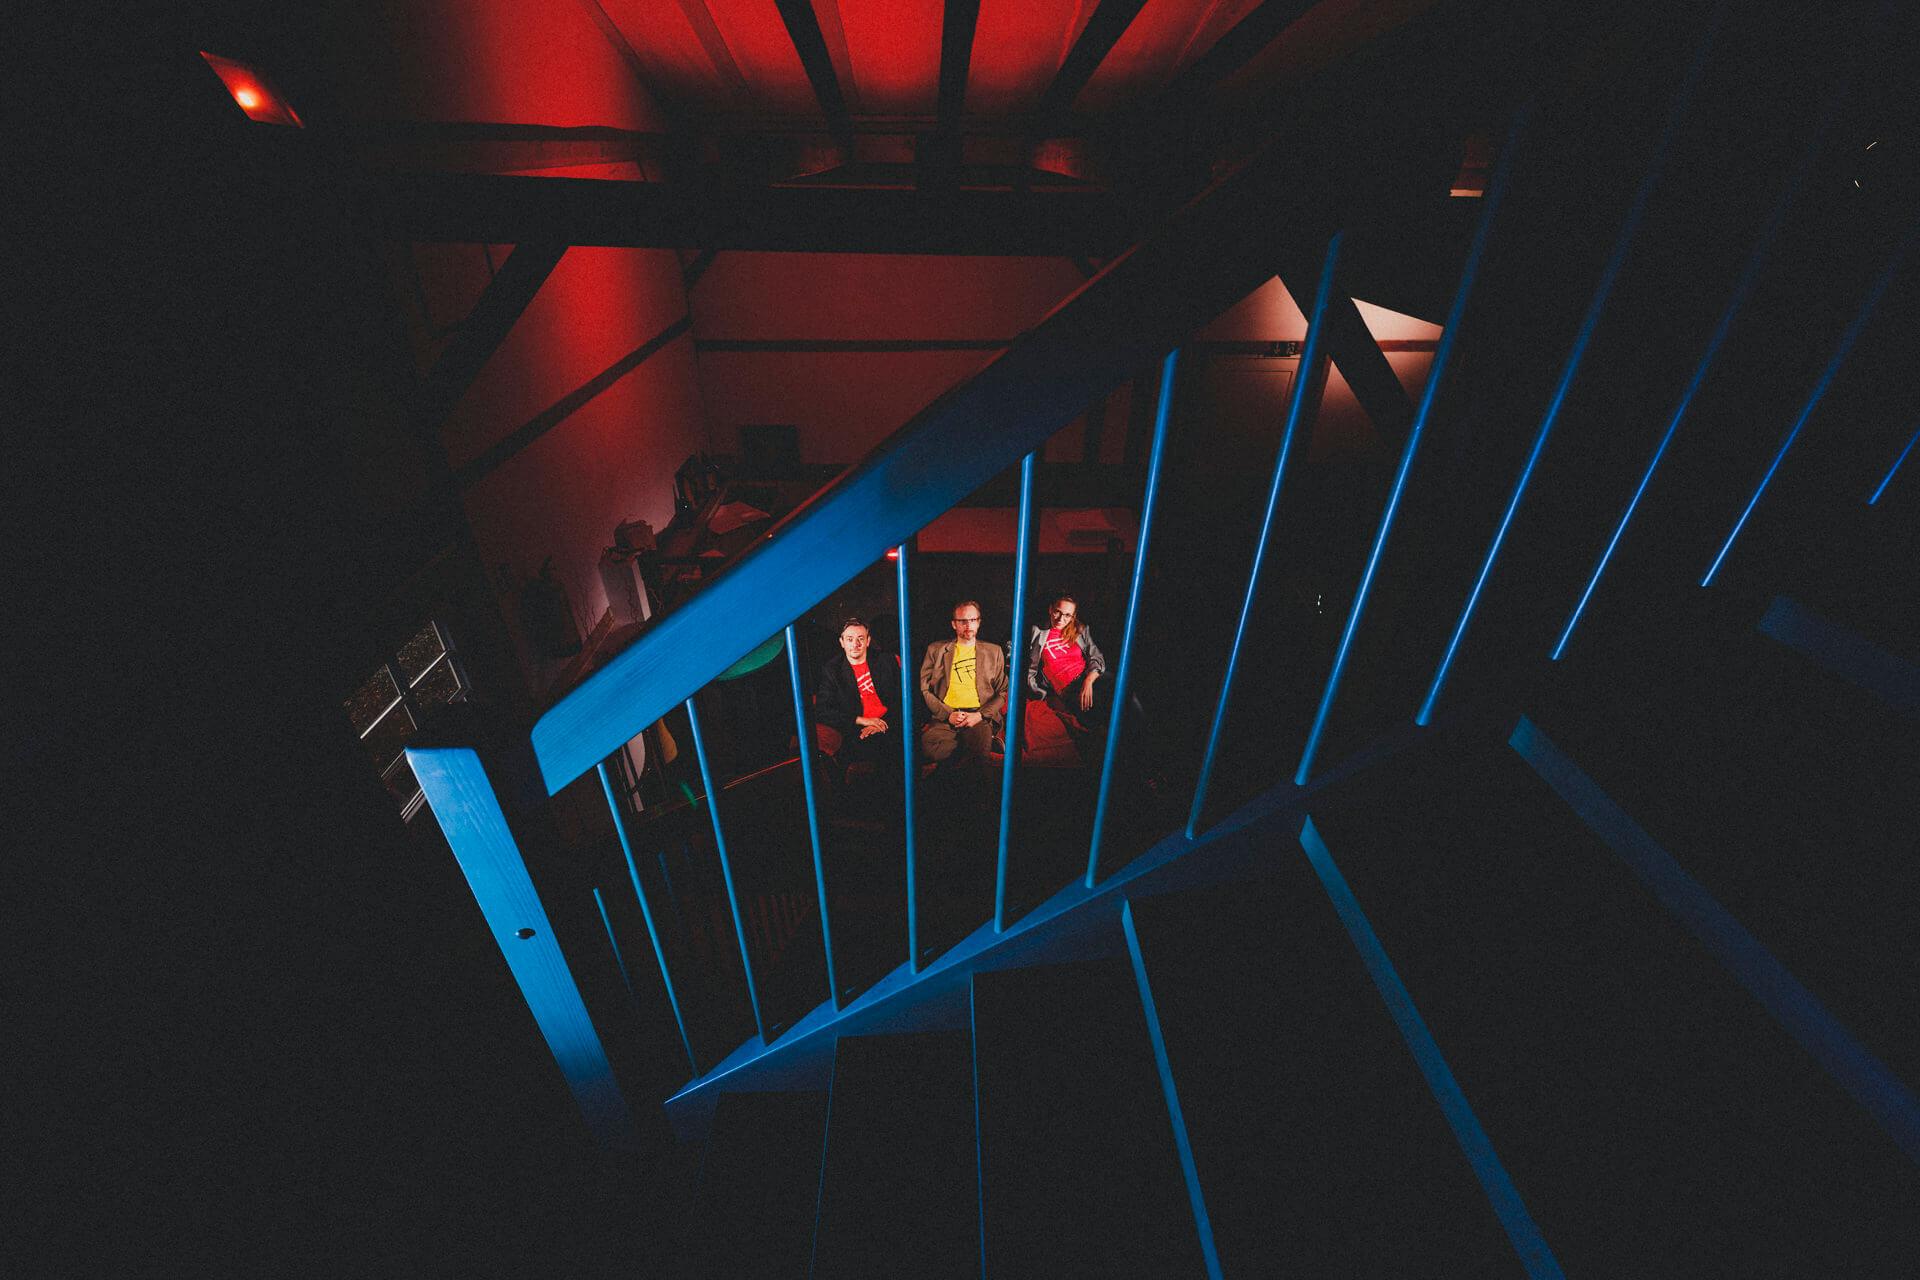 kreative businessfotografie giessen, marburg, hessen - ehrenamtliches corona-fotoprojekt alles auf stopp - fast forward theatre